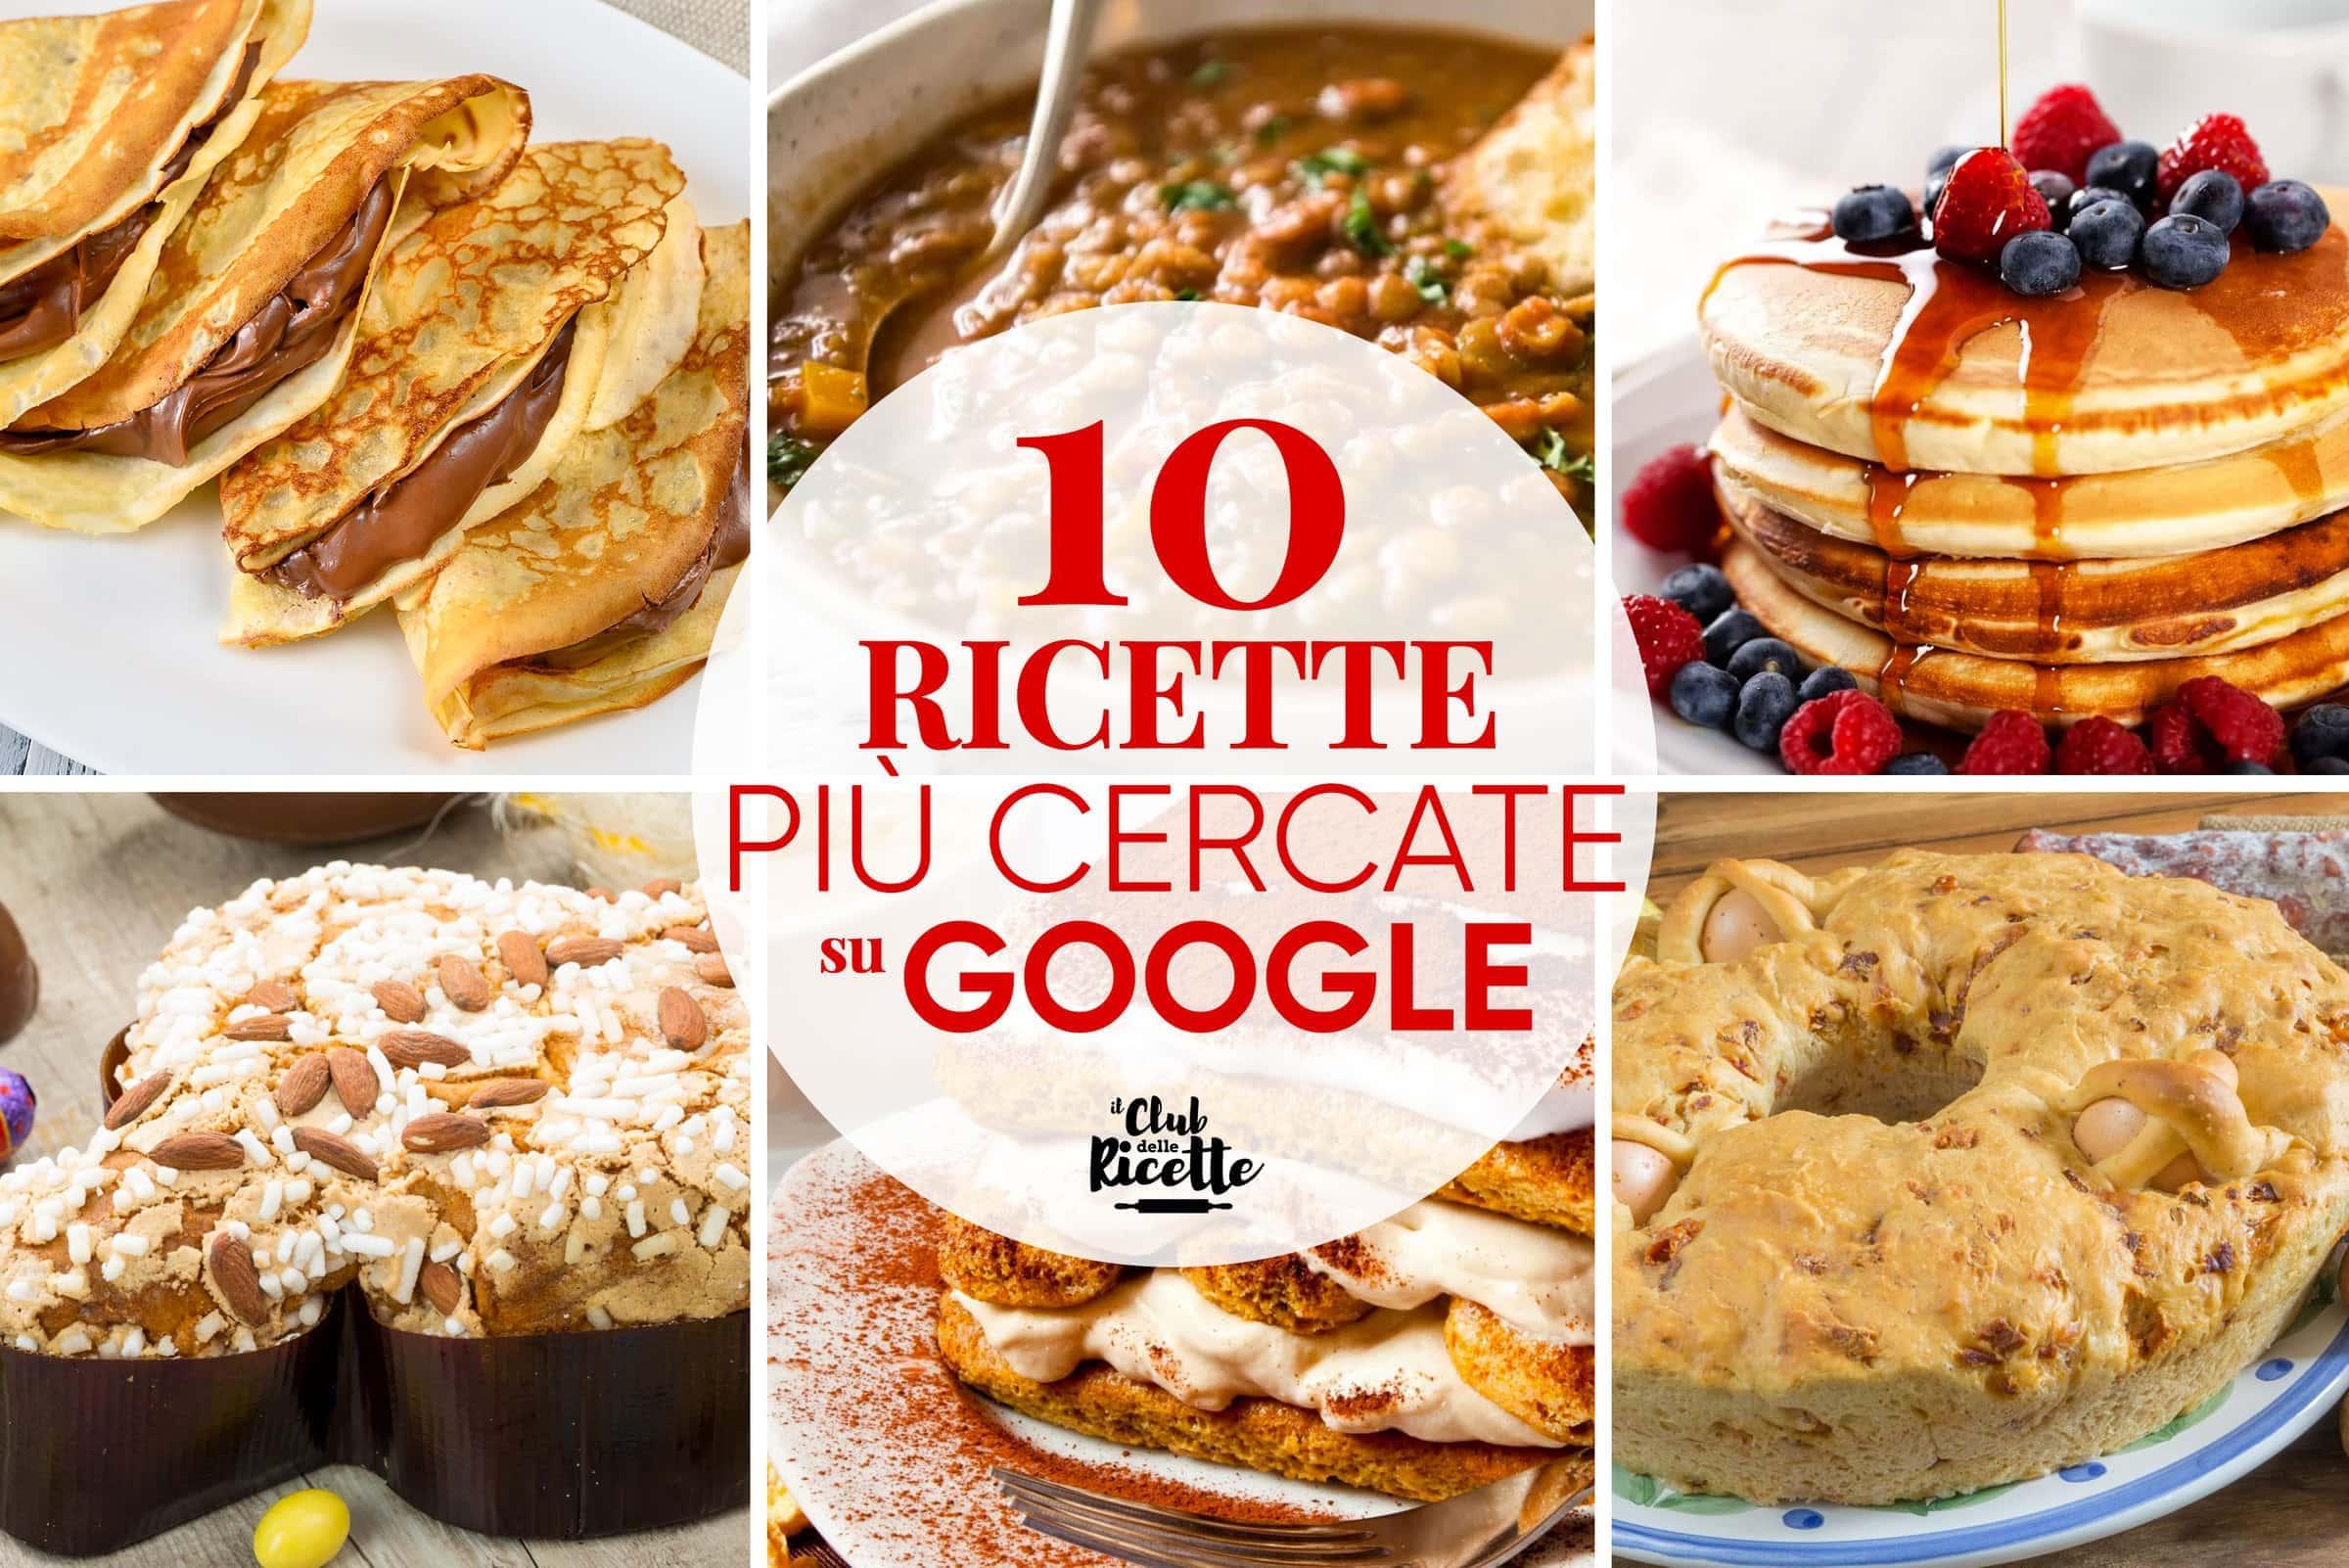 Ricette Piu Cercate Su Google 2019